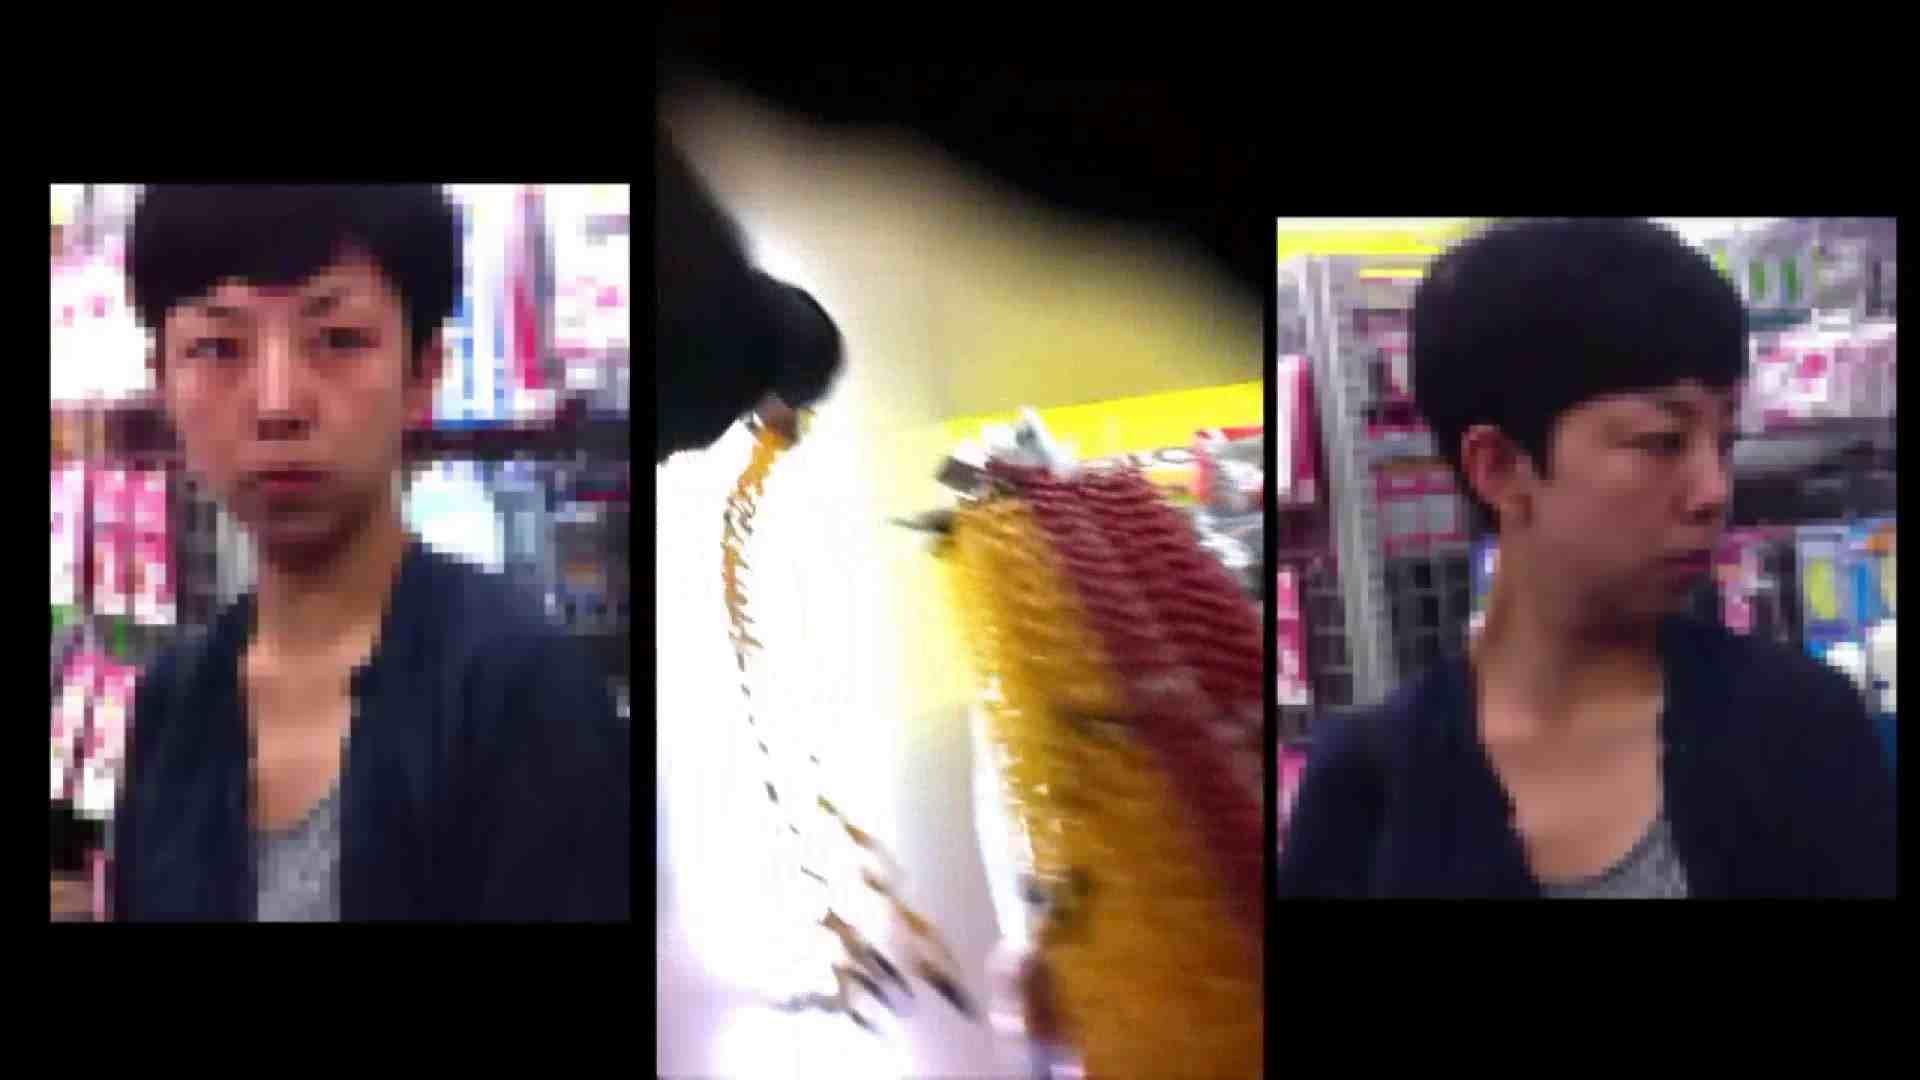 ガールズパンチラストリートビューVol.044 OLの実態 盗撮オマンコ無修正動画無料 66pic 34